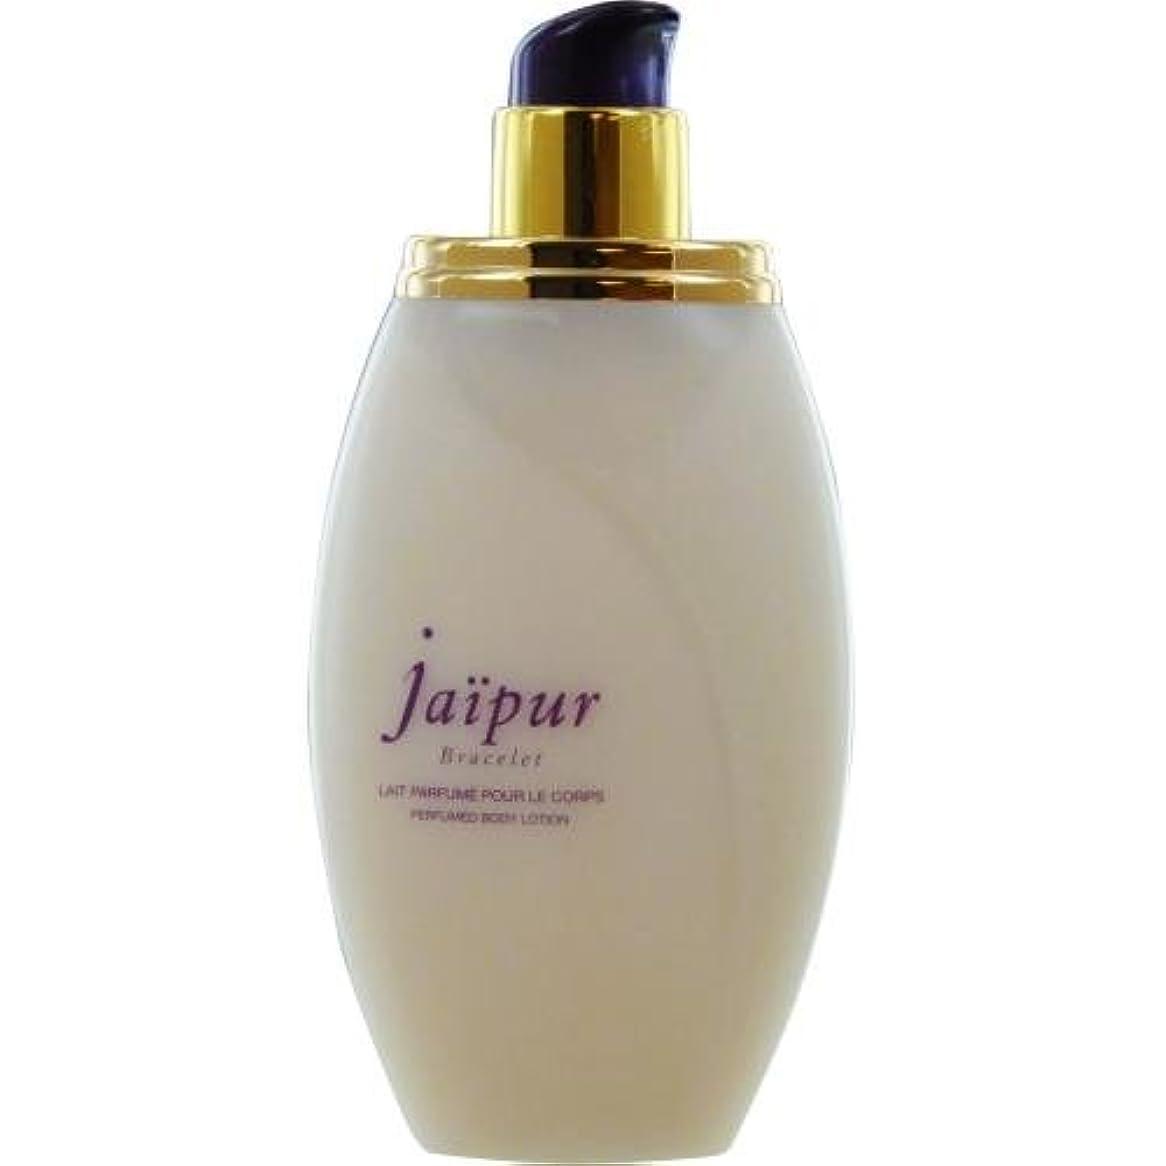 アウトドア才能のある軽減Jaipur Bracelet Perfumed Body Lotion